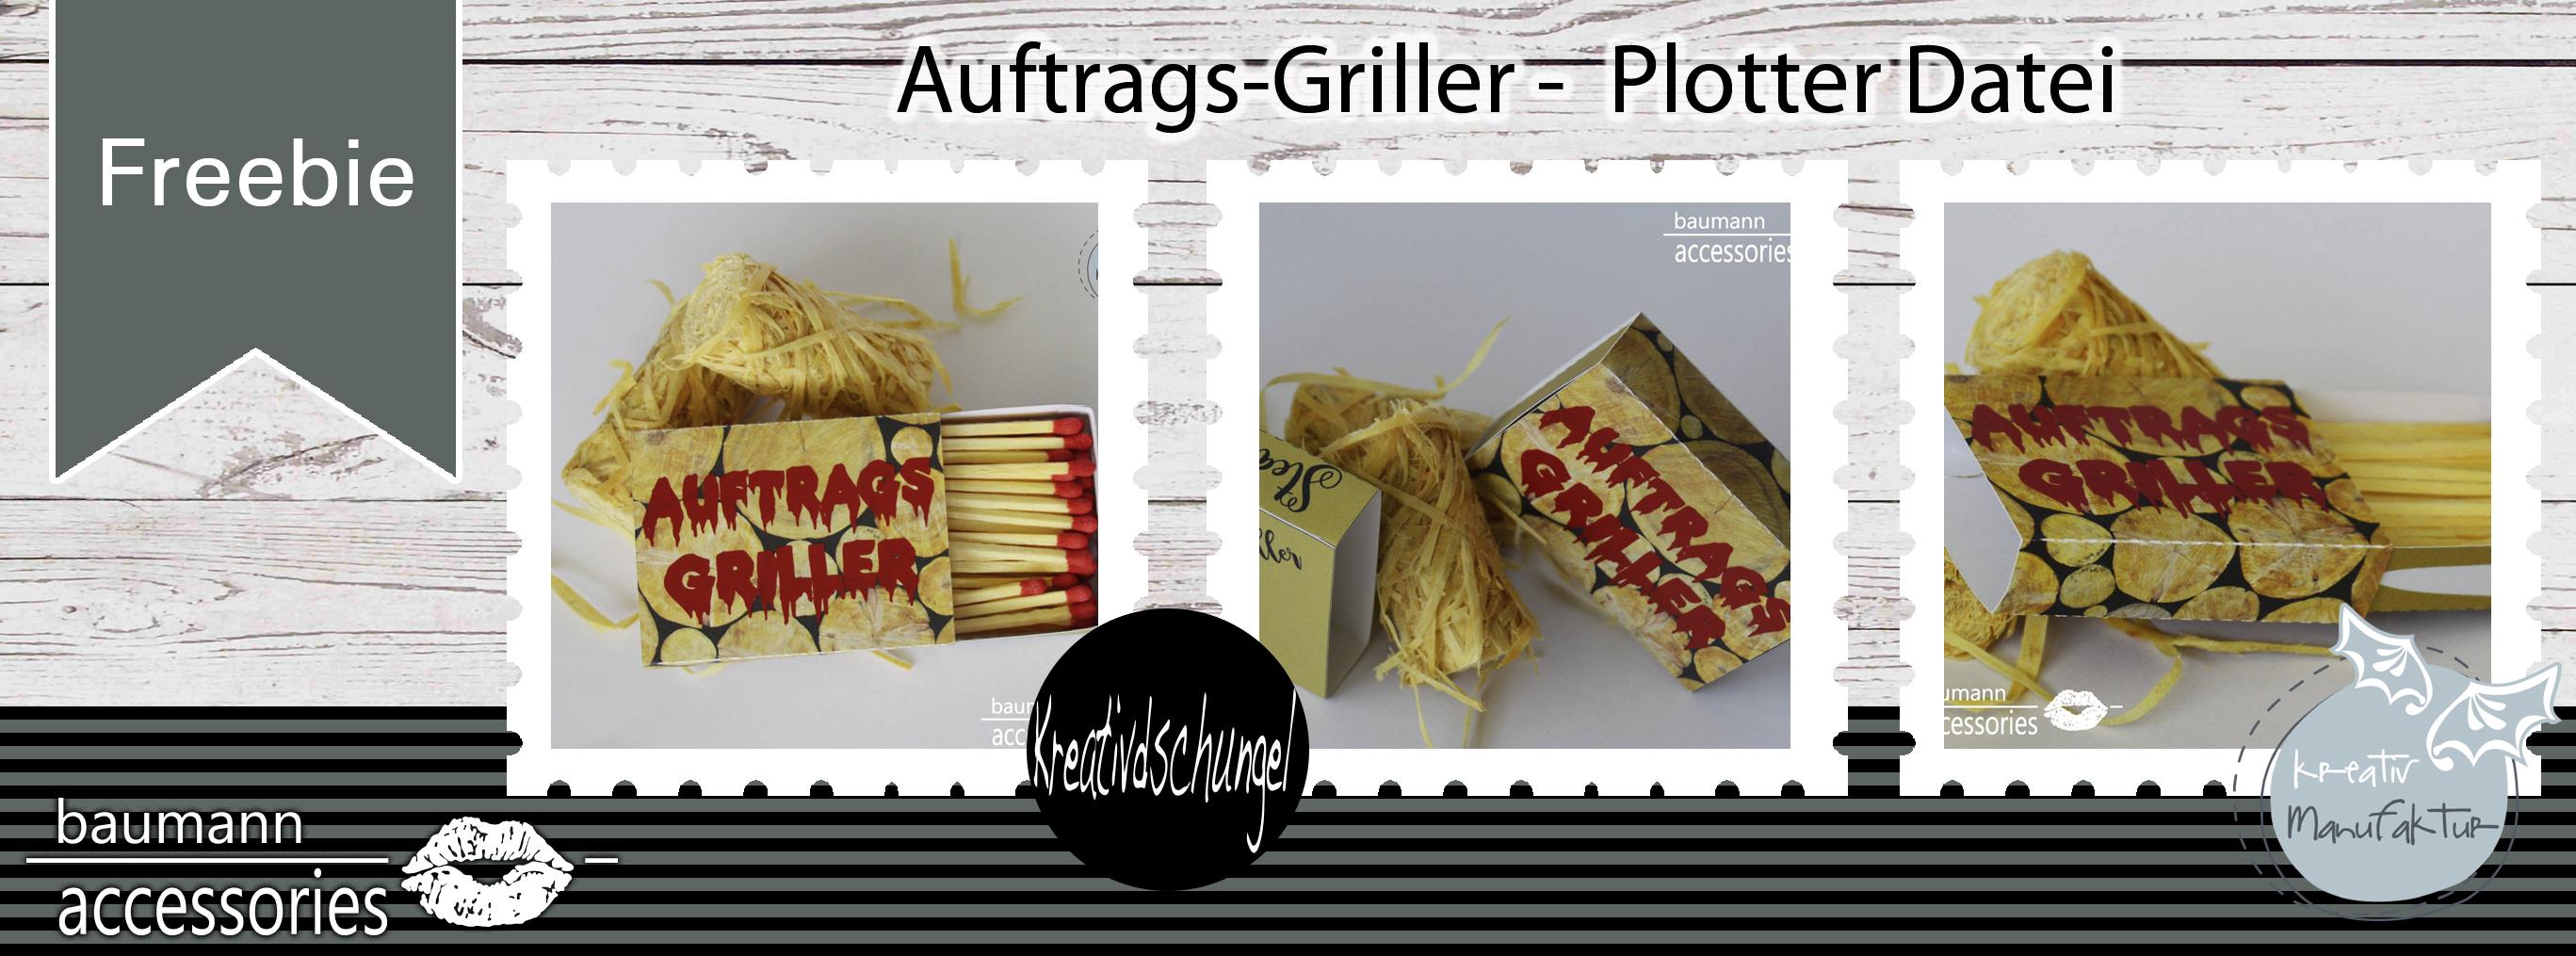 Collage Freebie Auftrags-Griller1